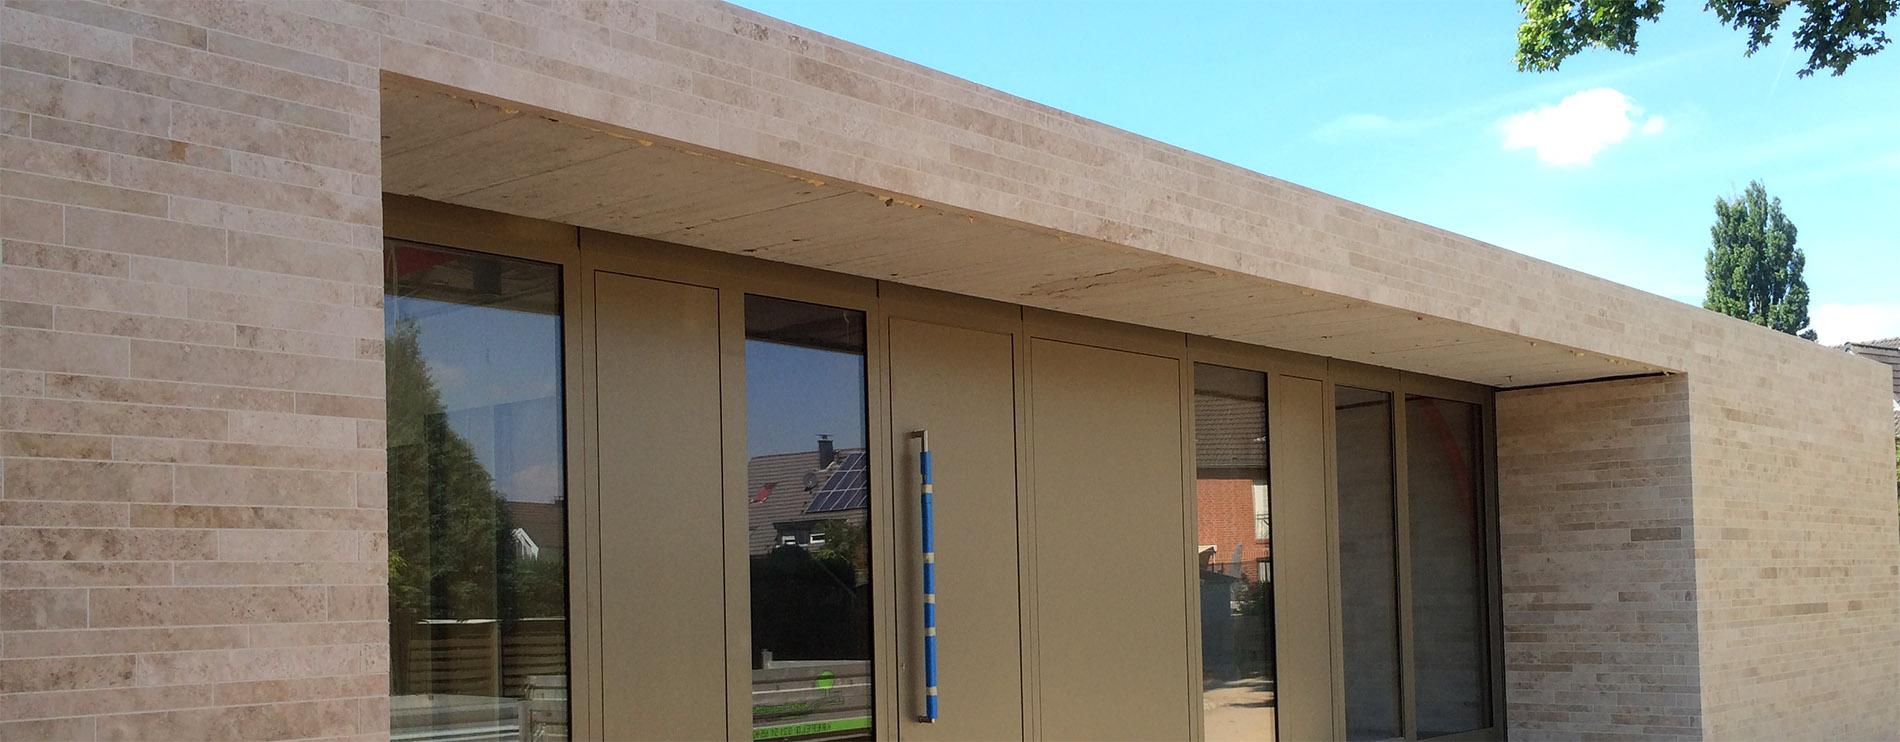 TRACO Cube Riegel® für Villen und Einfamilienhäuser